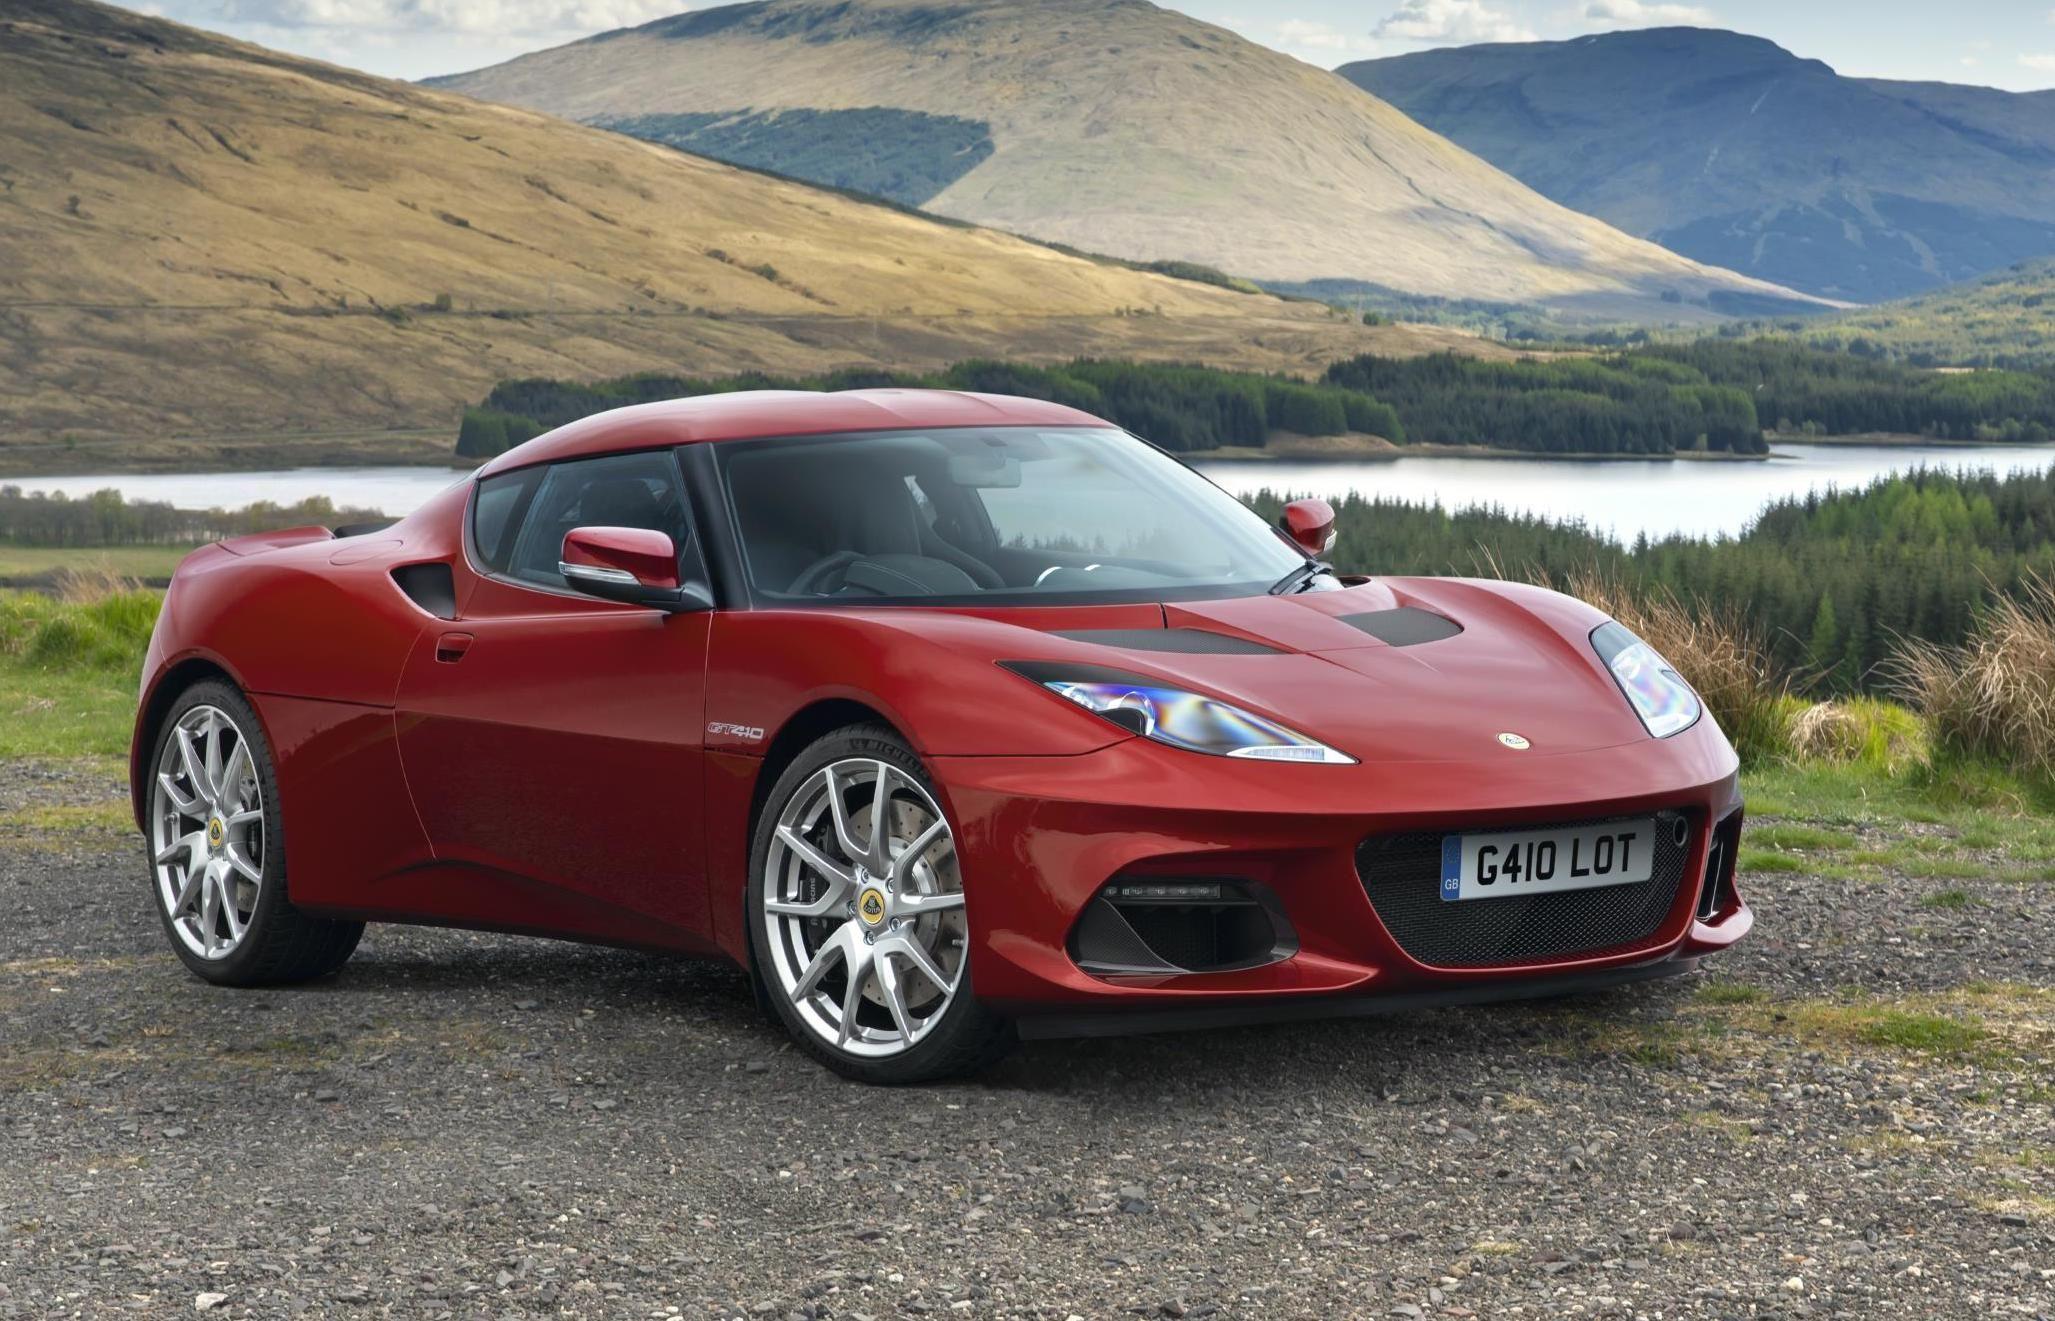 2021 Mazda 2 Model in 2020 Mazda cars, Mazda, Honda new car